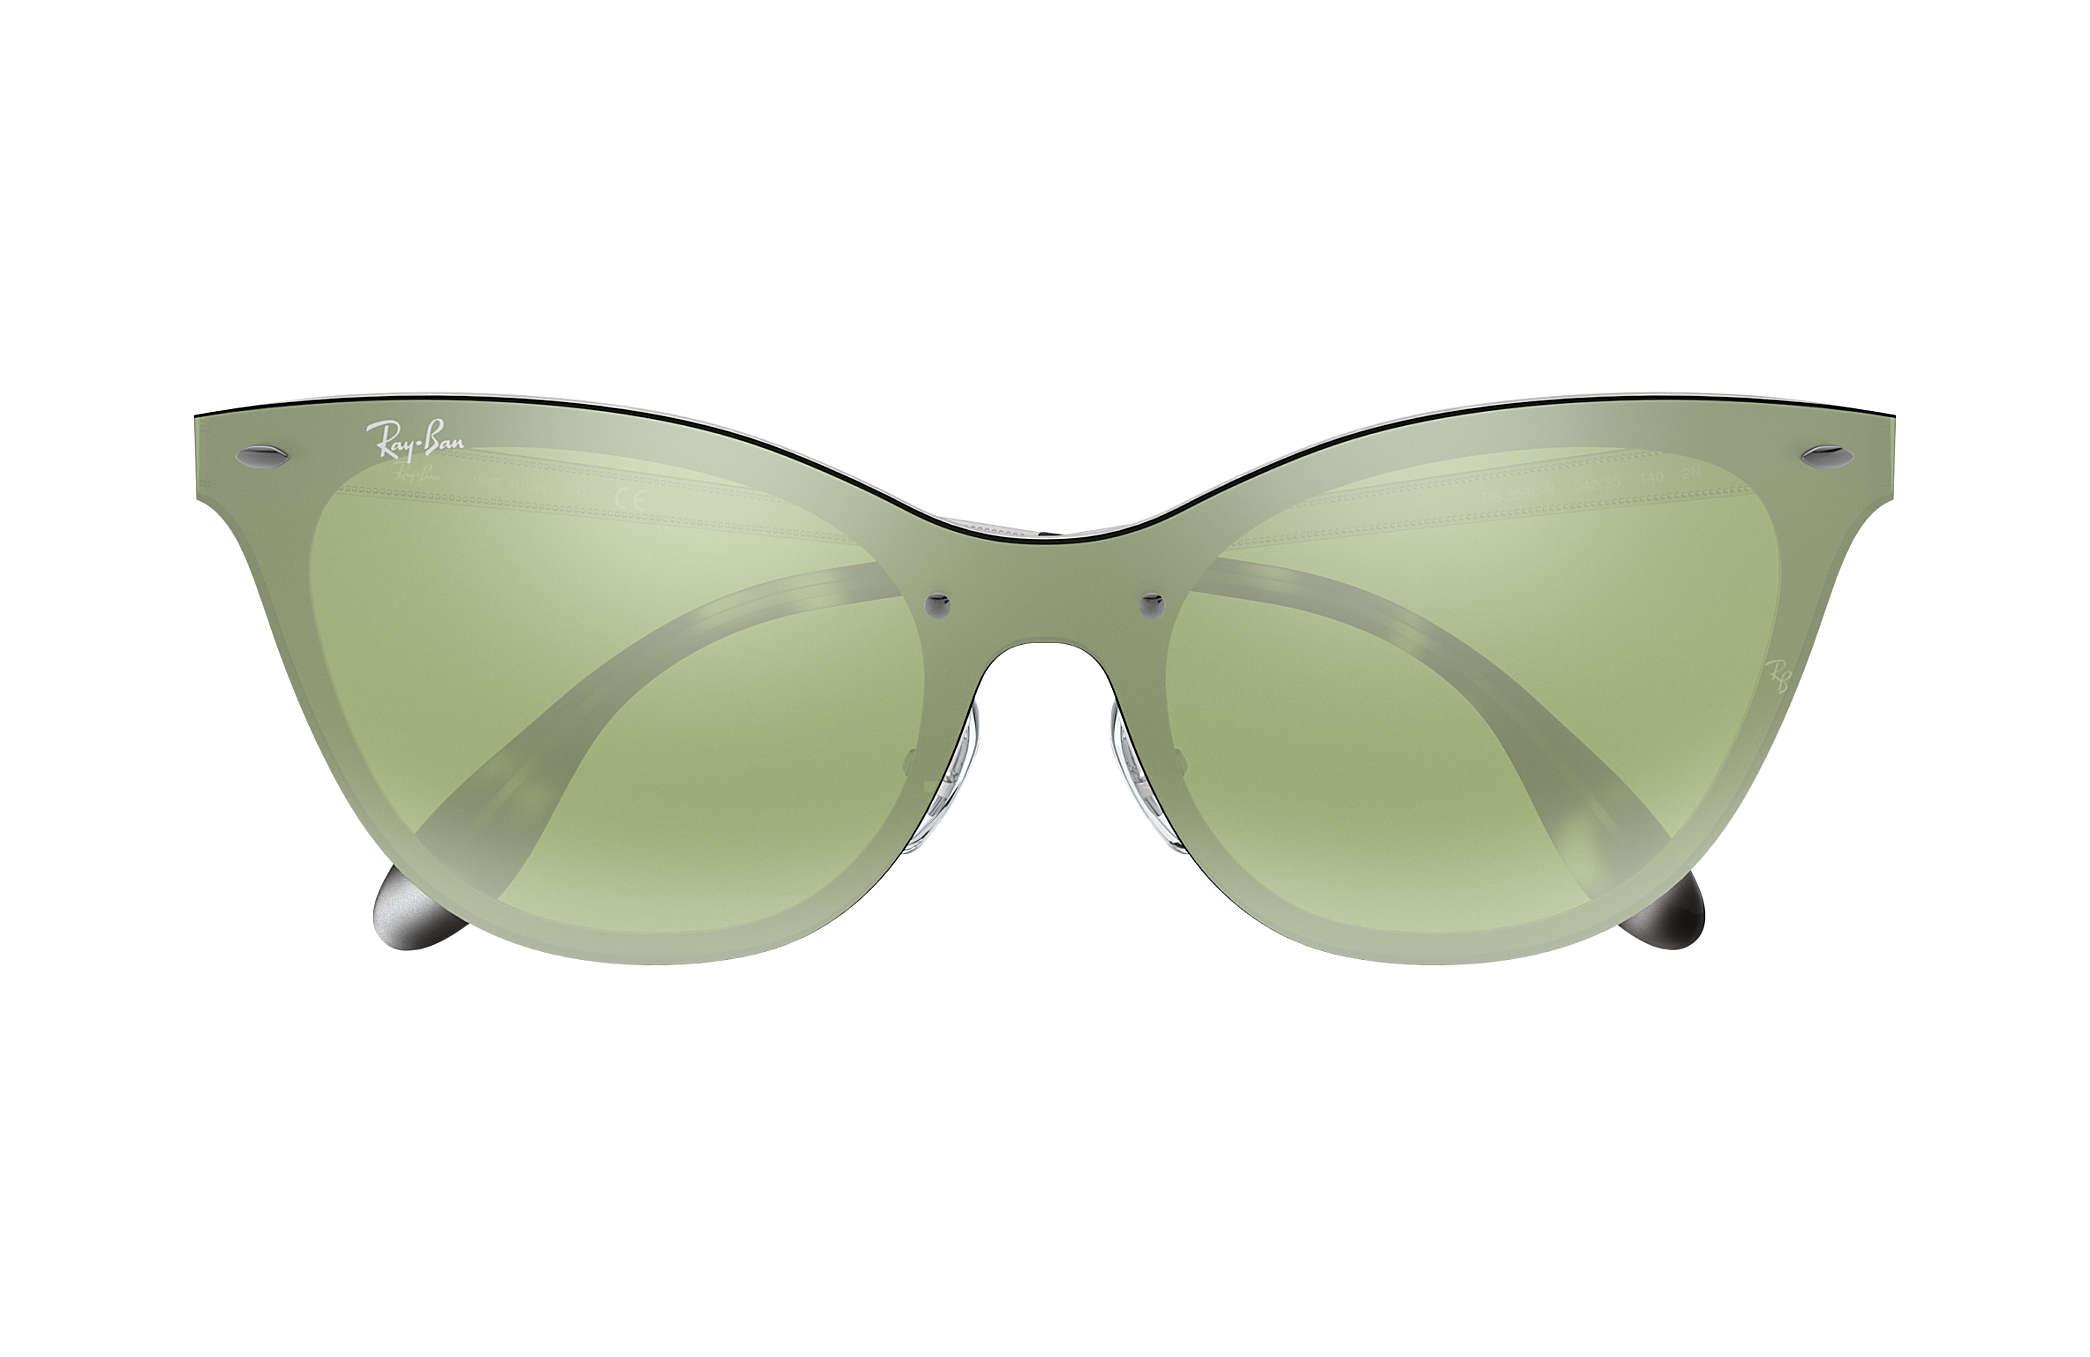 ec42f2710f71d Ray-Ban Blaze Cat Eye RB3580N Silver - Steel - Dark Green Silver ...